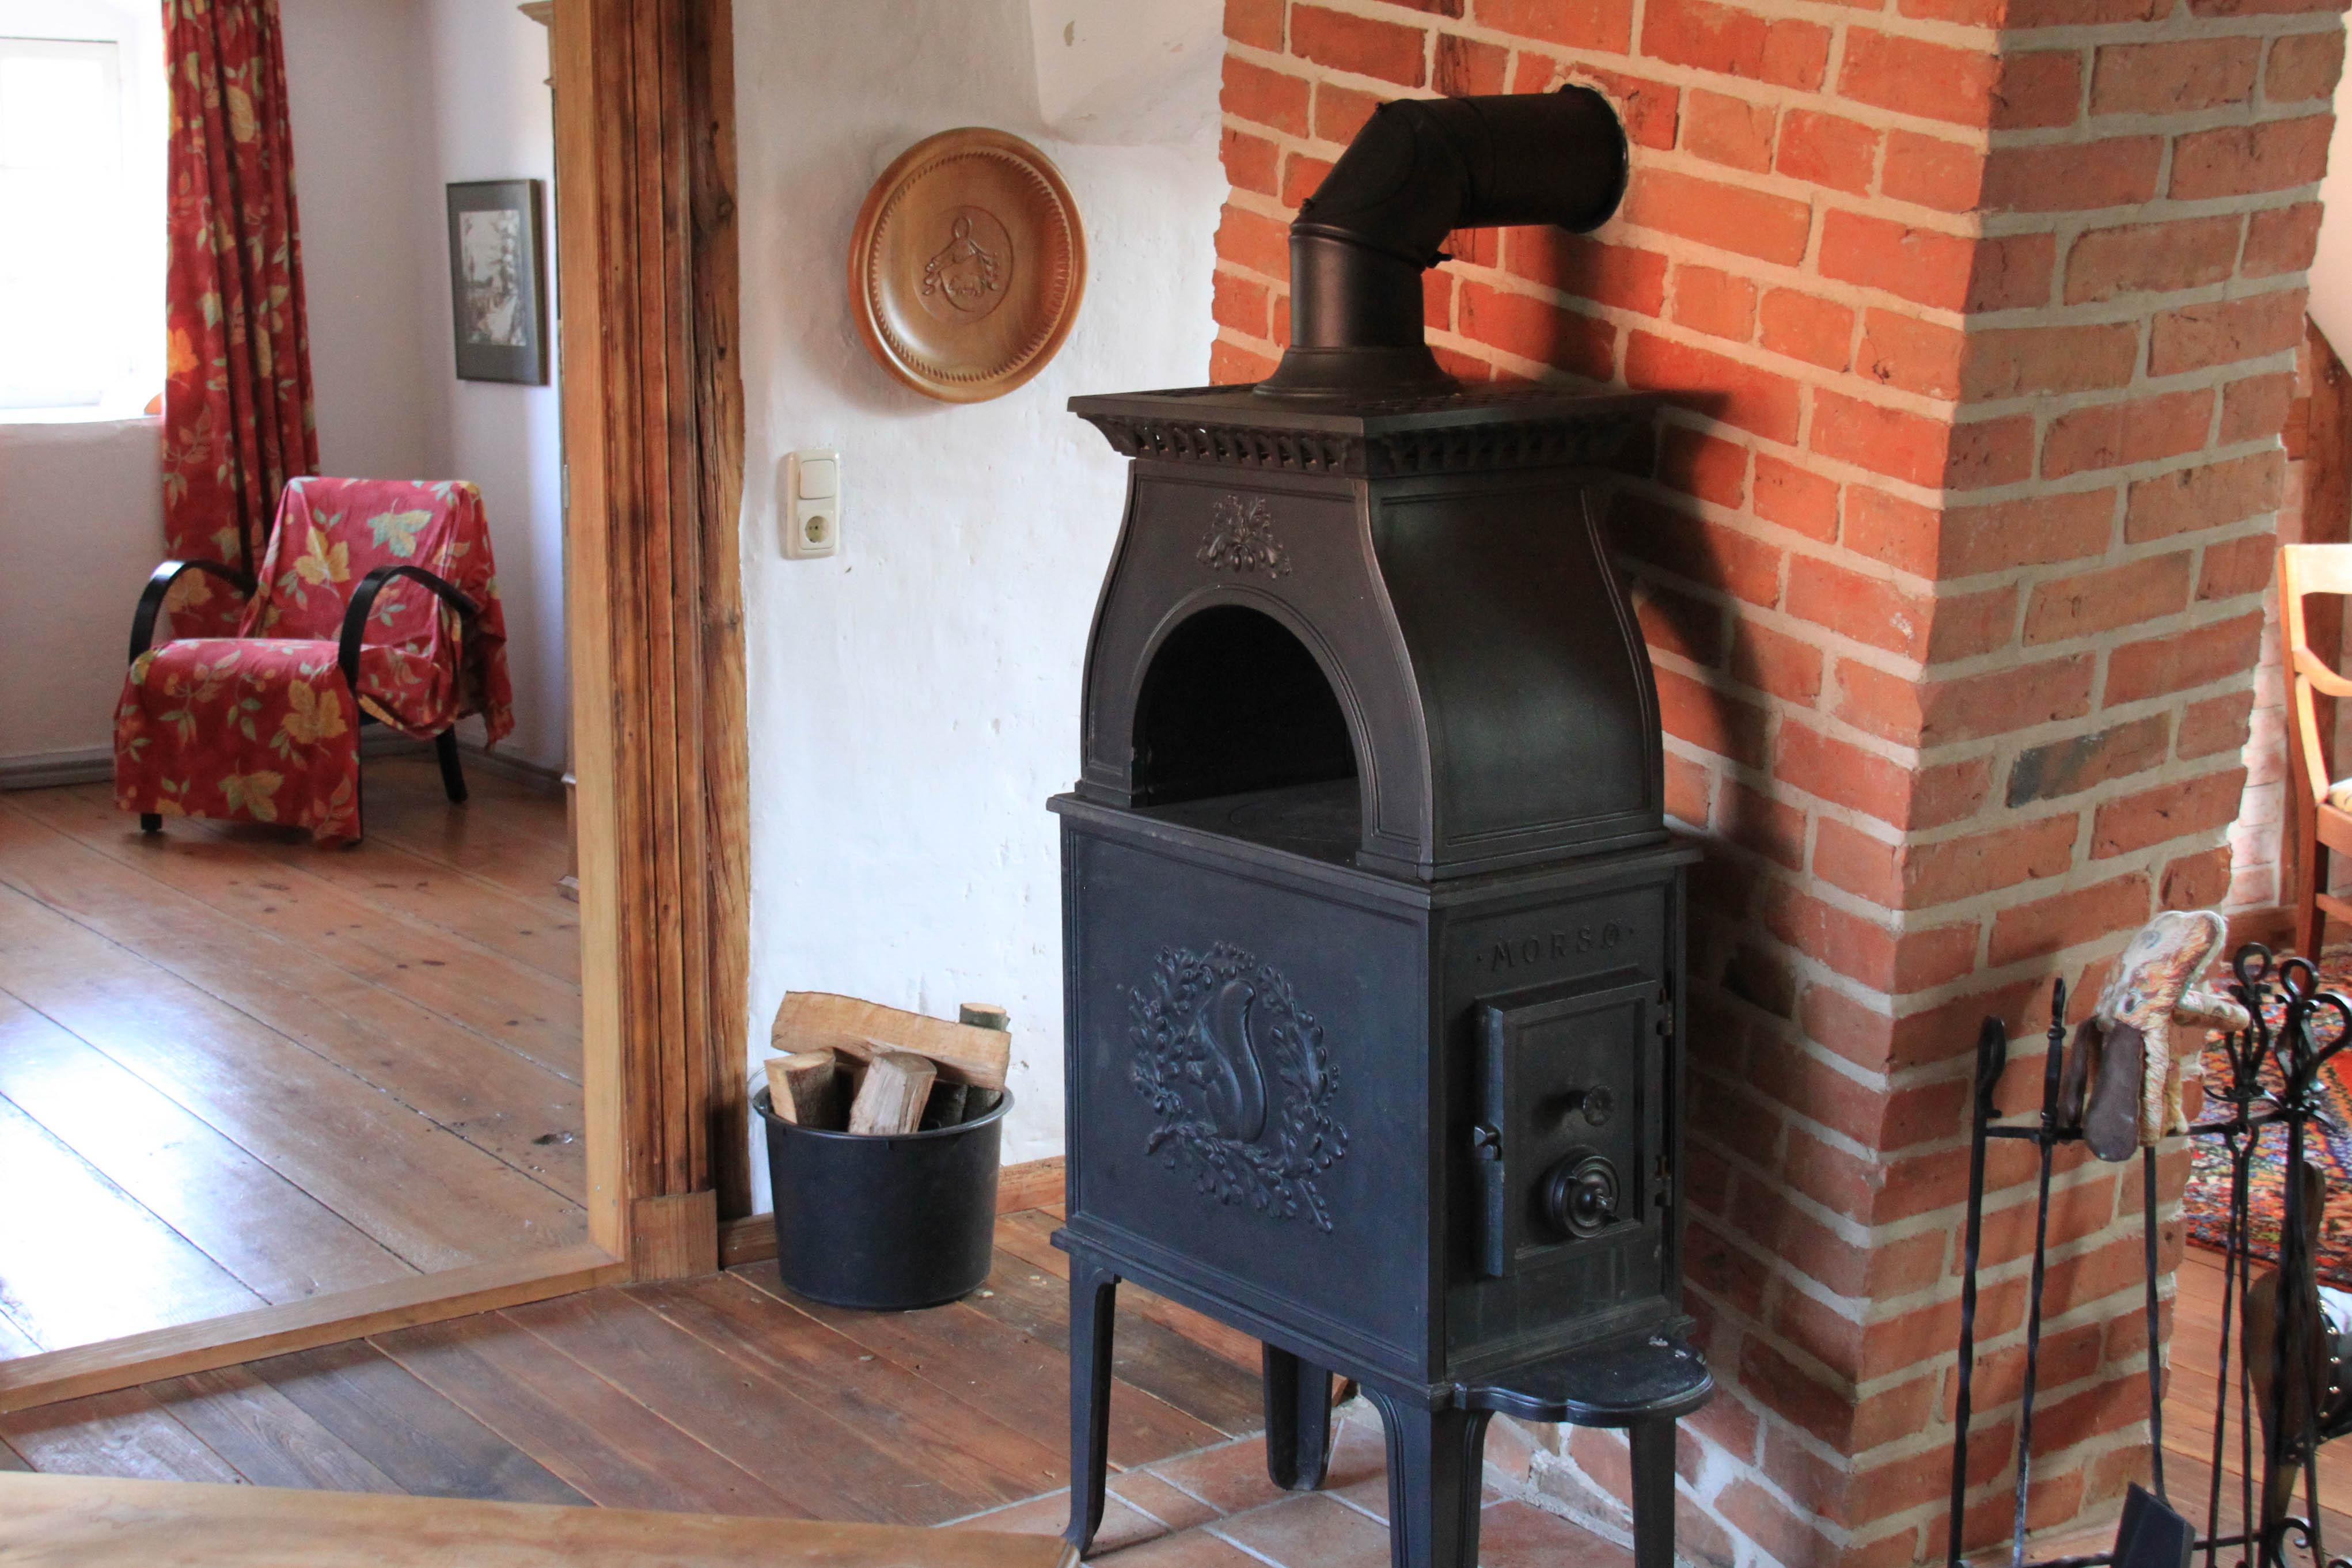 Fotos gratis : madera, cabaña, chimenea, carne, cocina, horno, hogar ...